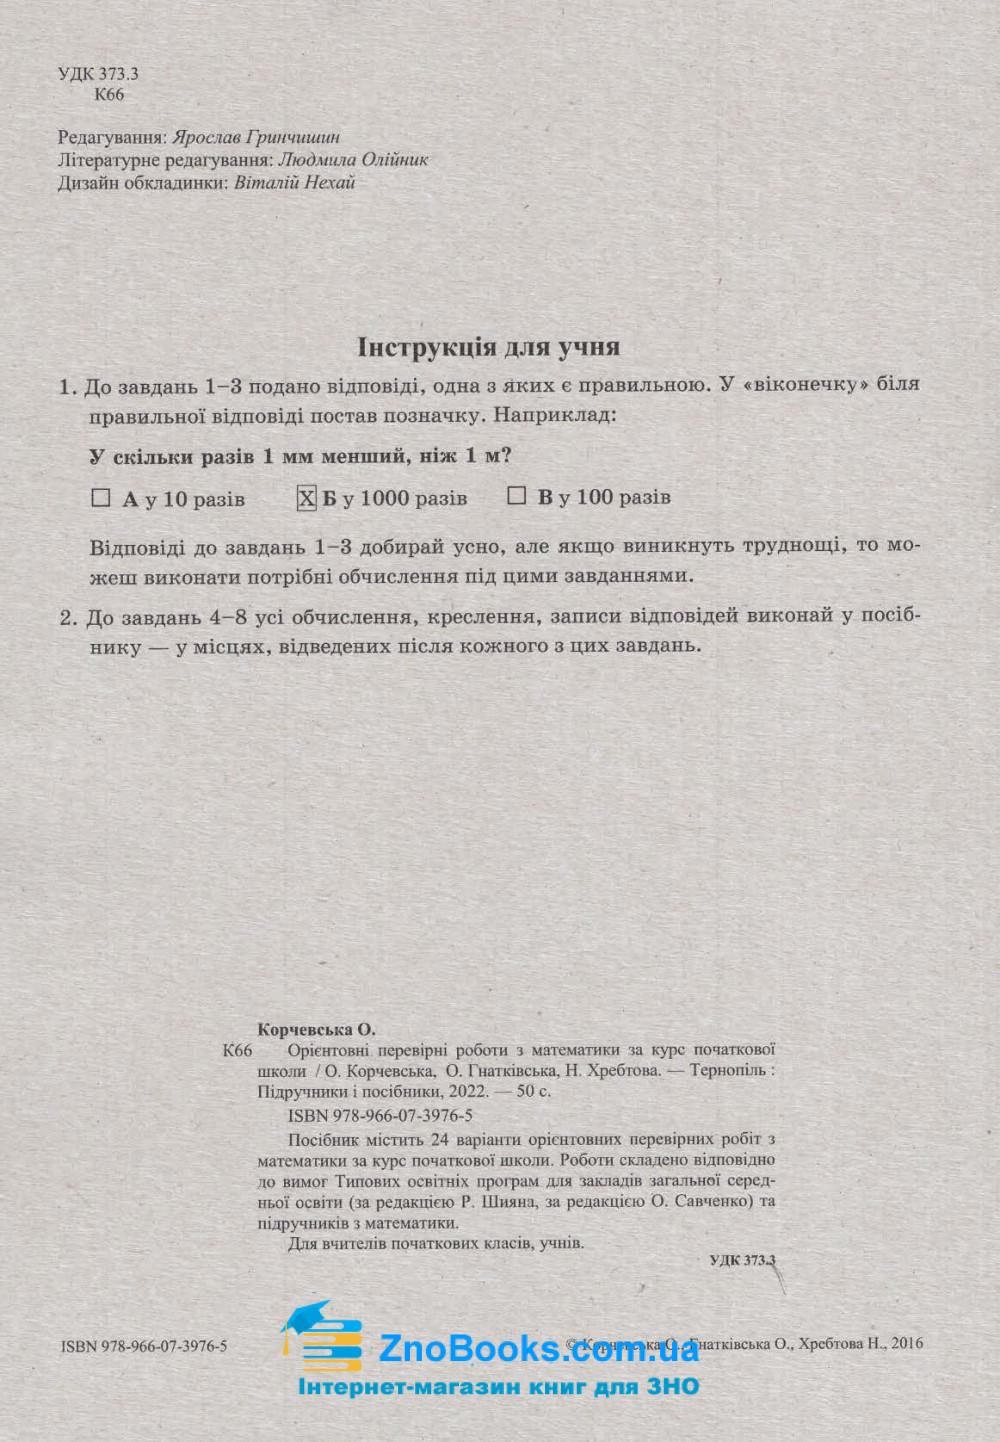 ДПА 4 клас 2022 Математика. Орієнтовні перевірні роботи : Корчевська О. Підручники і посібники. 1